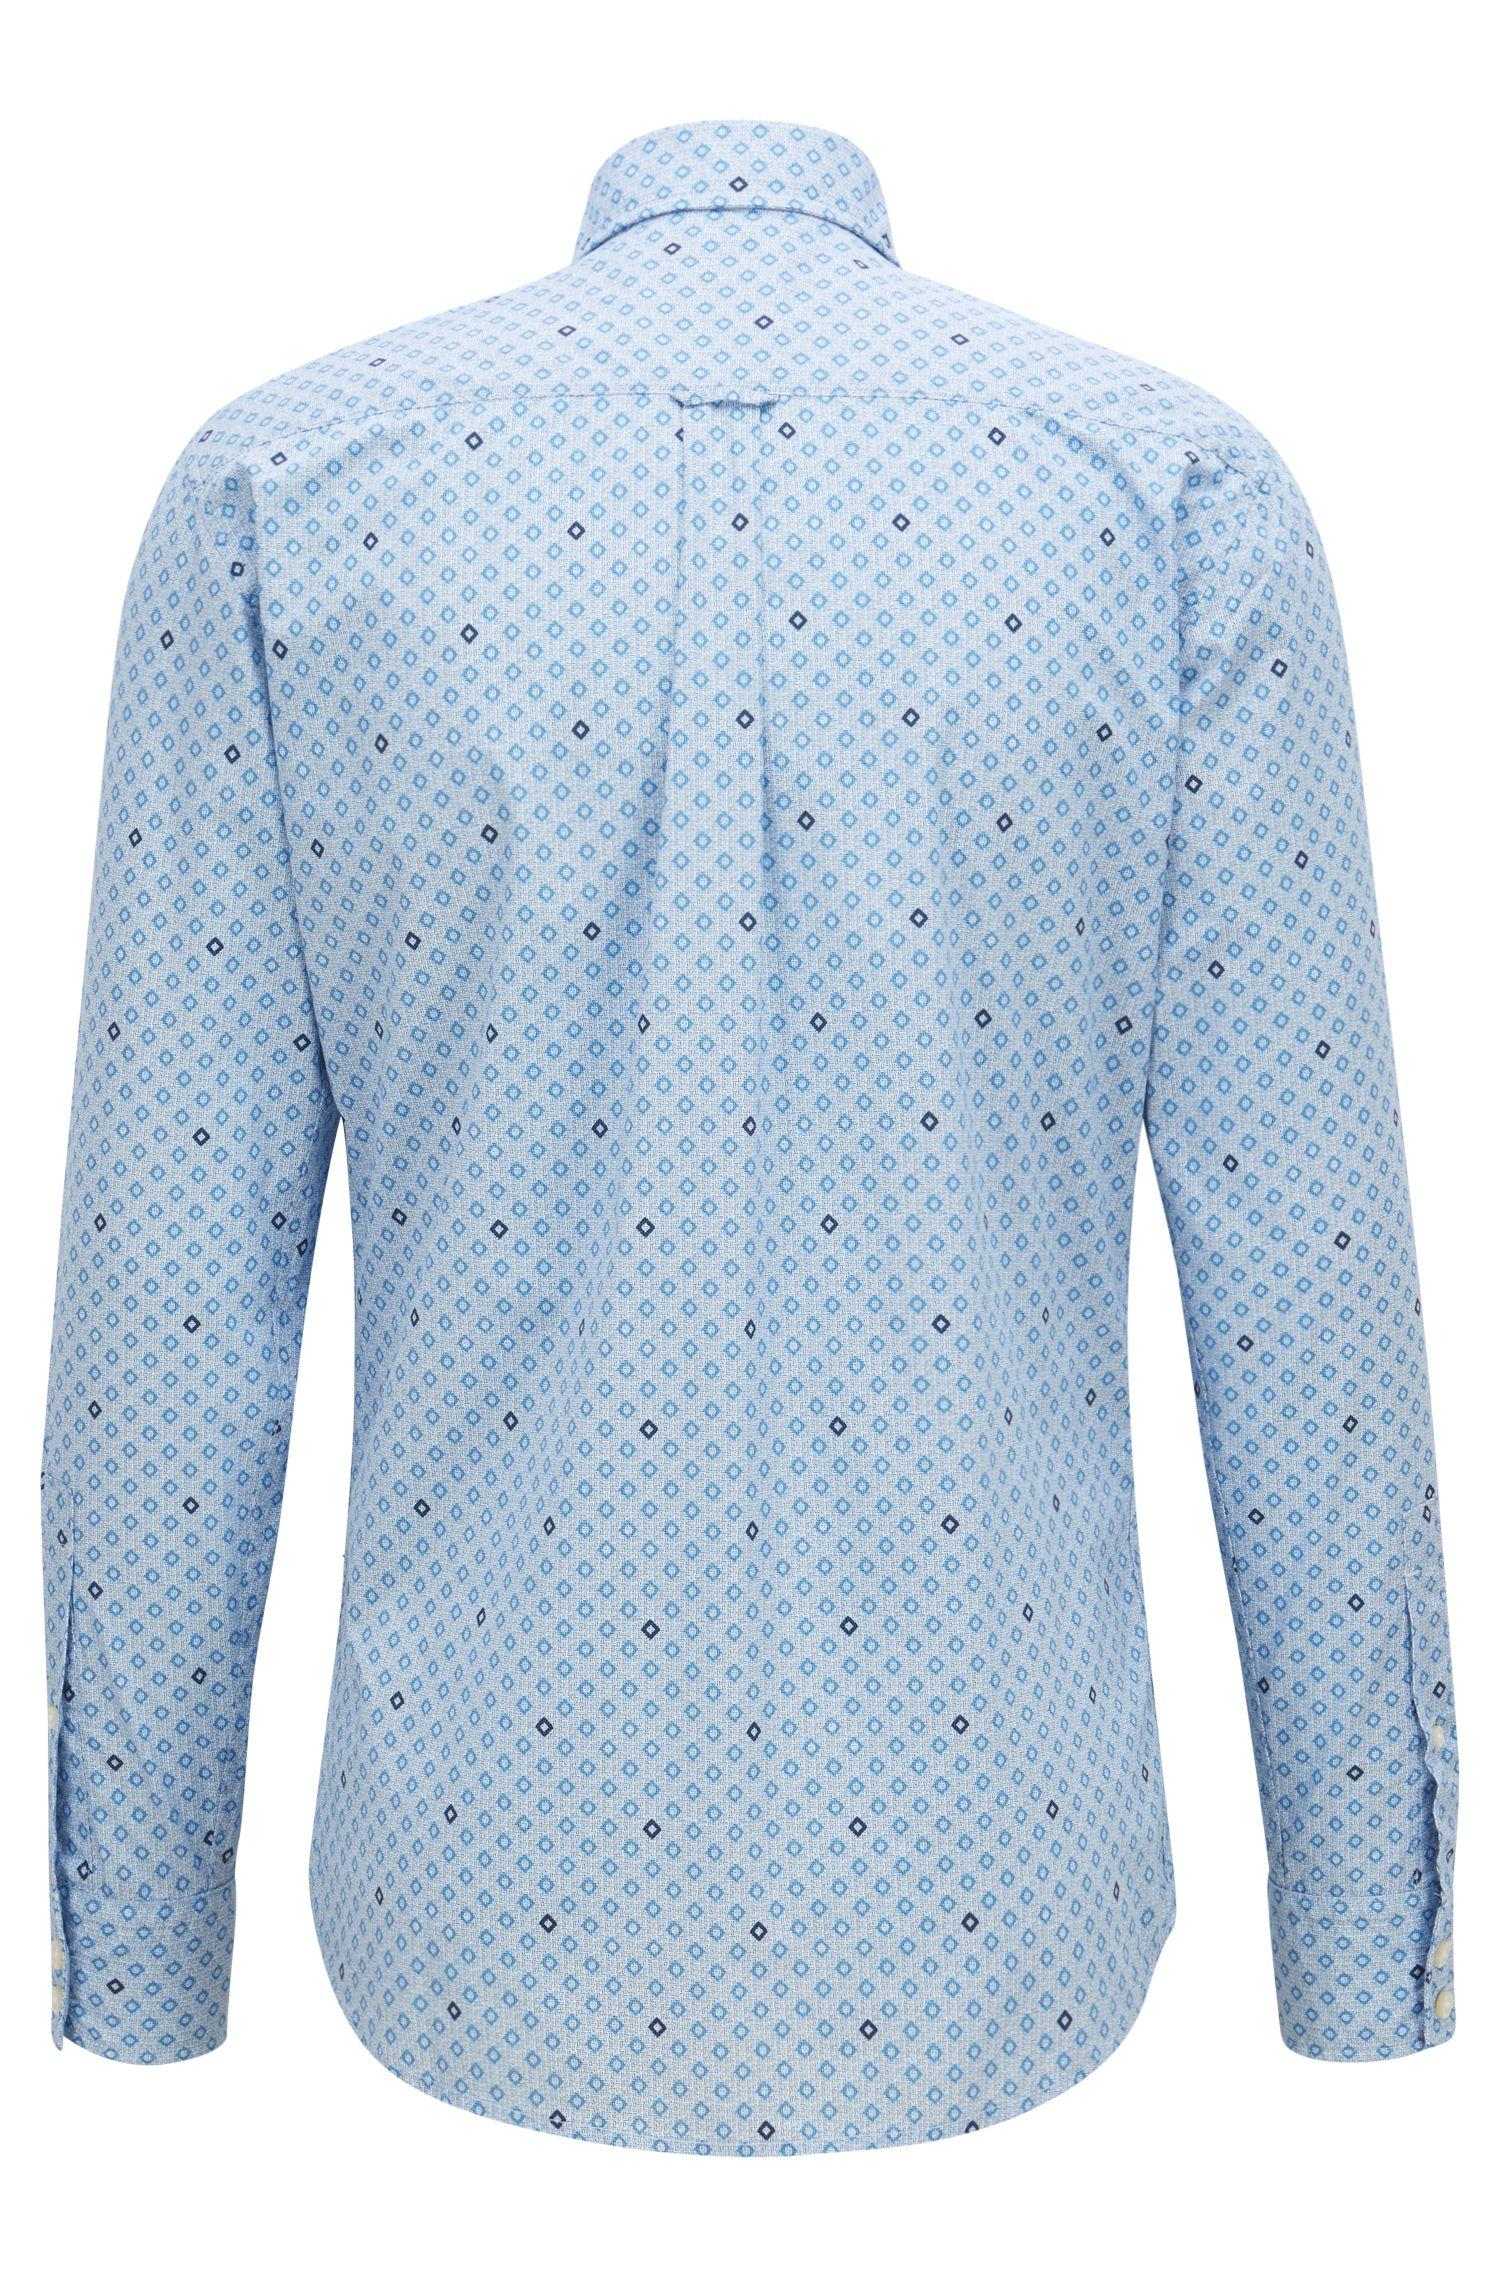 Camisa slim fit de algodón con estampado geométrico